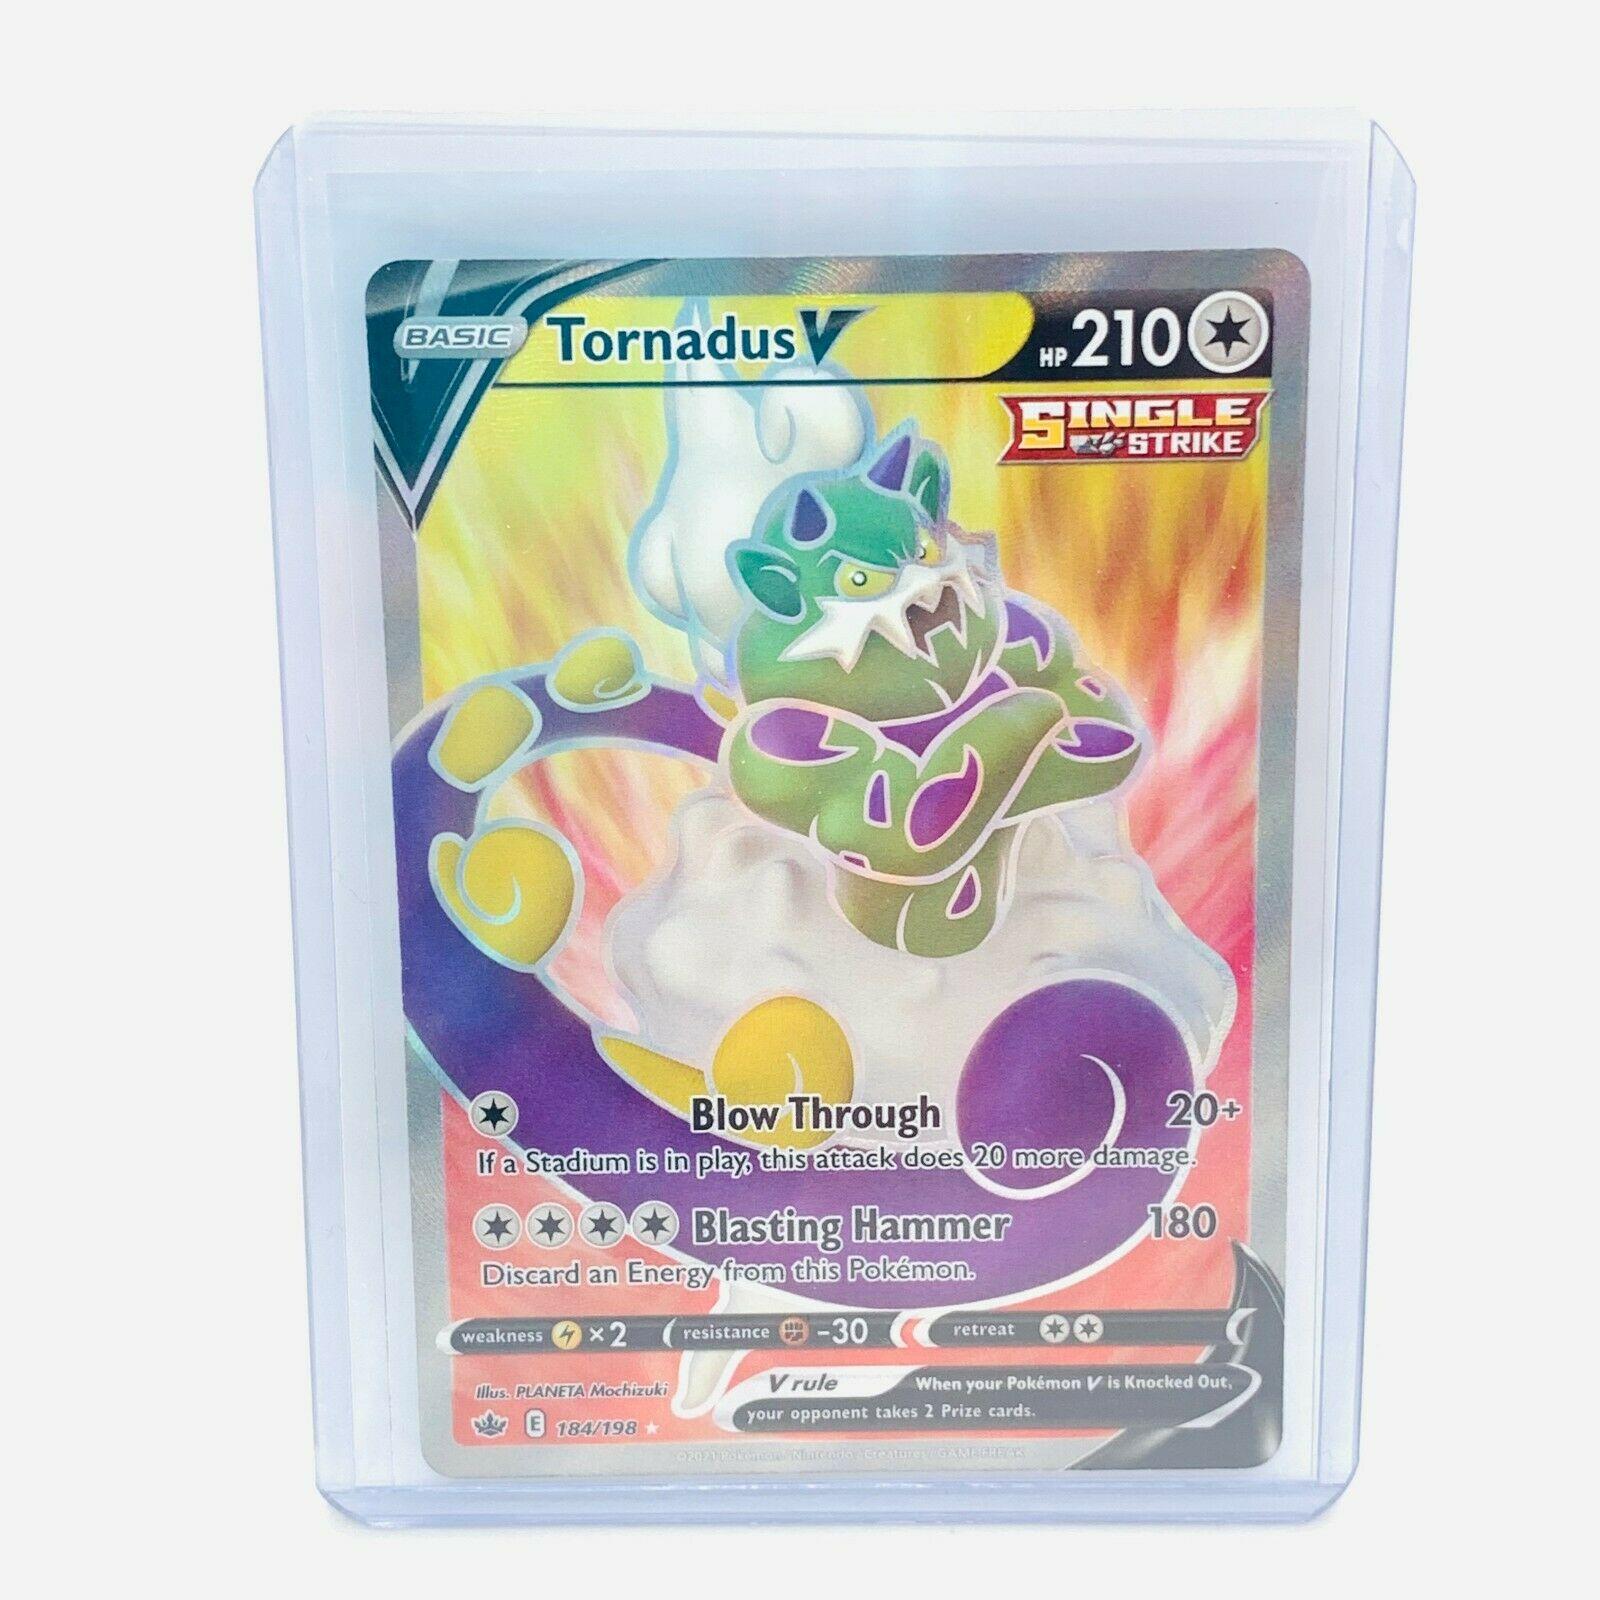 Pokémon Chilling Reign Full Art Ultra Rare Tornadus V 184/198 NM Fresh Card